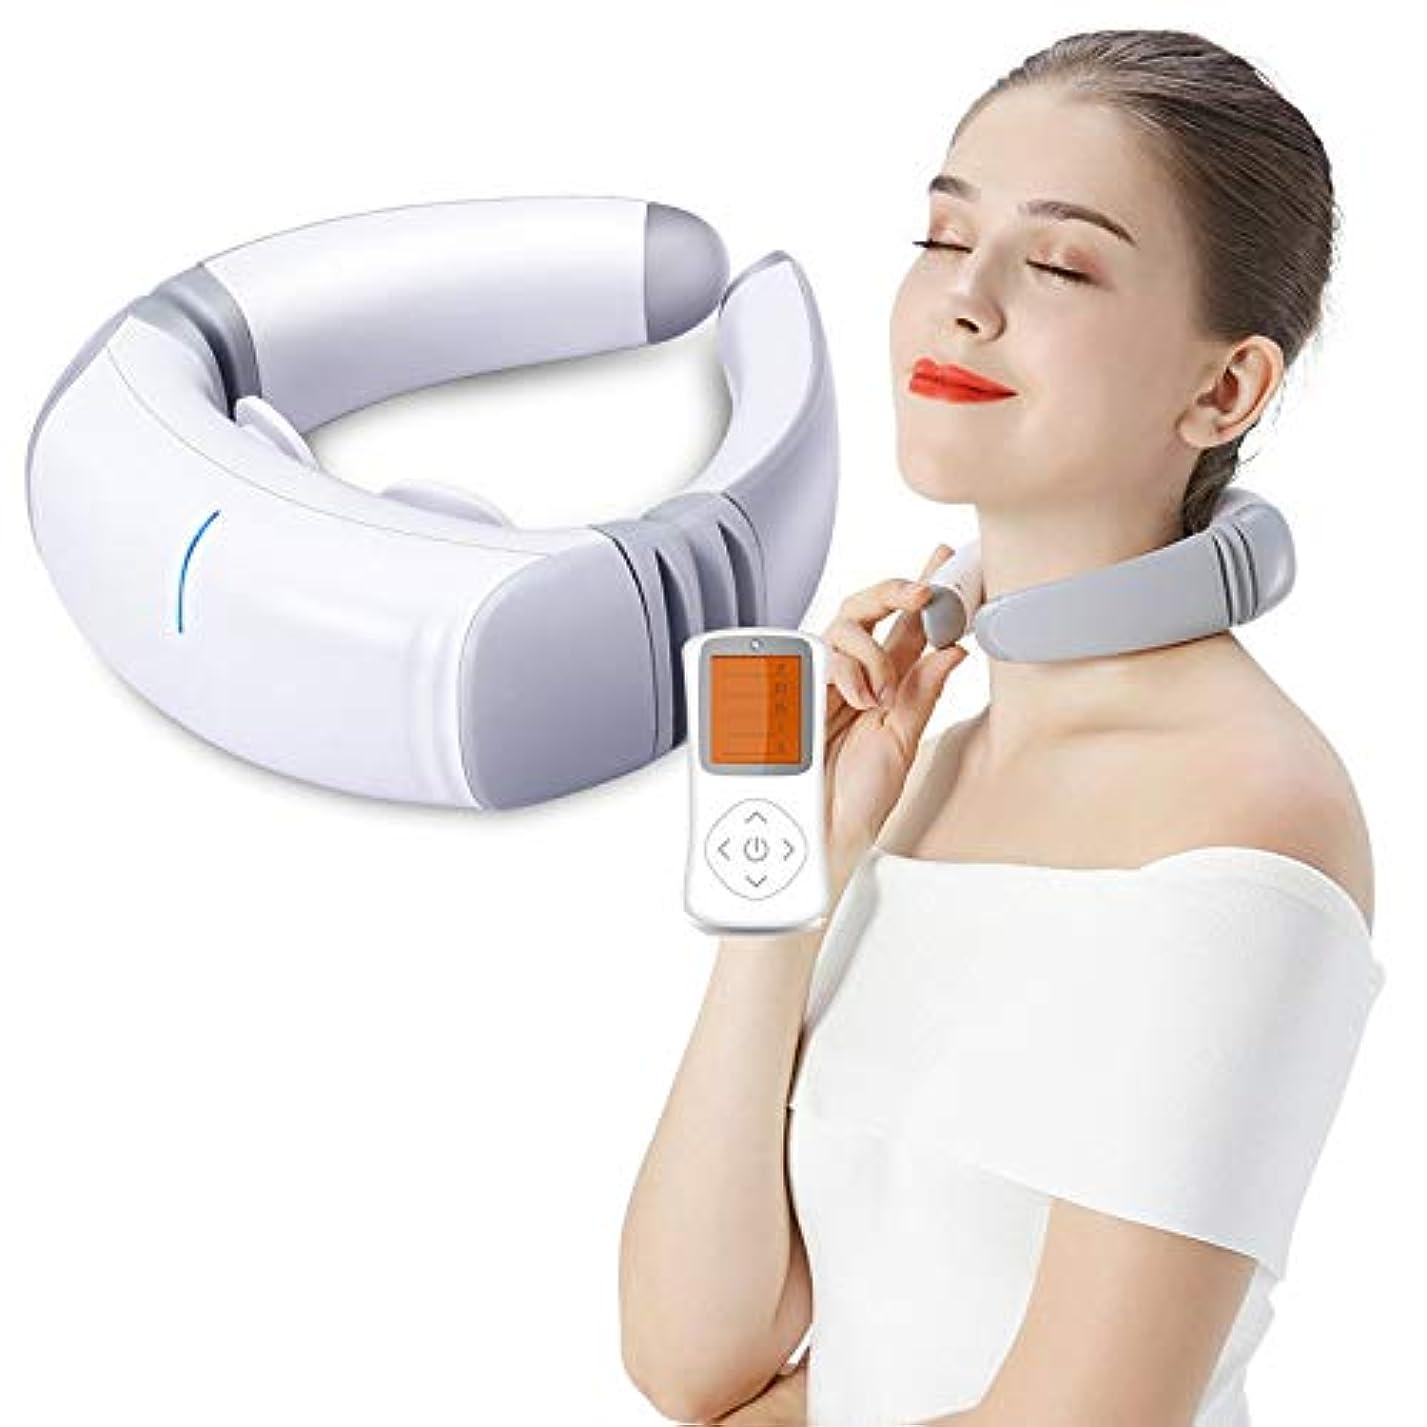 異なる味スケッチ多機能ネックマッサージャーディープティッシュワイヤレス3D混練、子宮頸部マッサージャーホーム電子パルス車、オフィス用